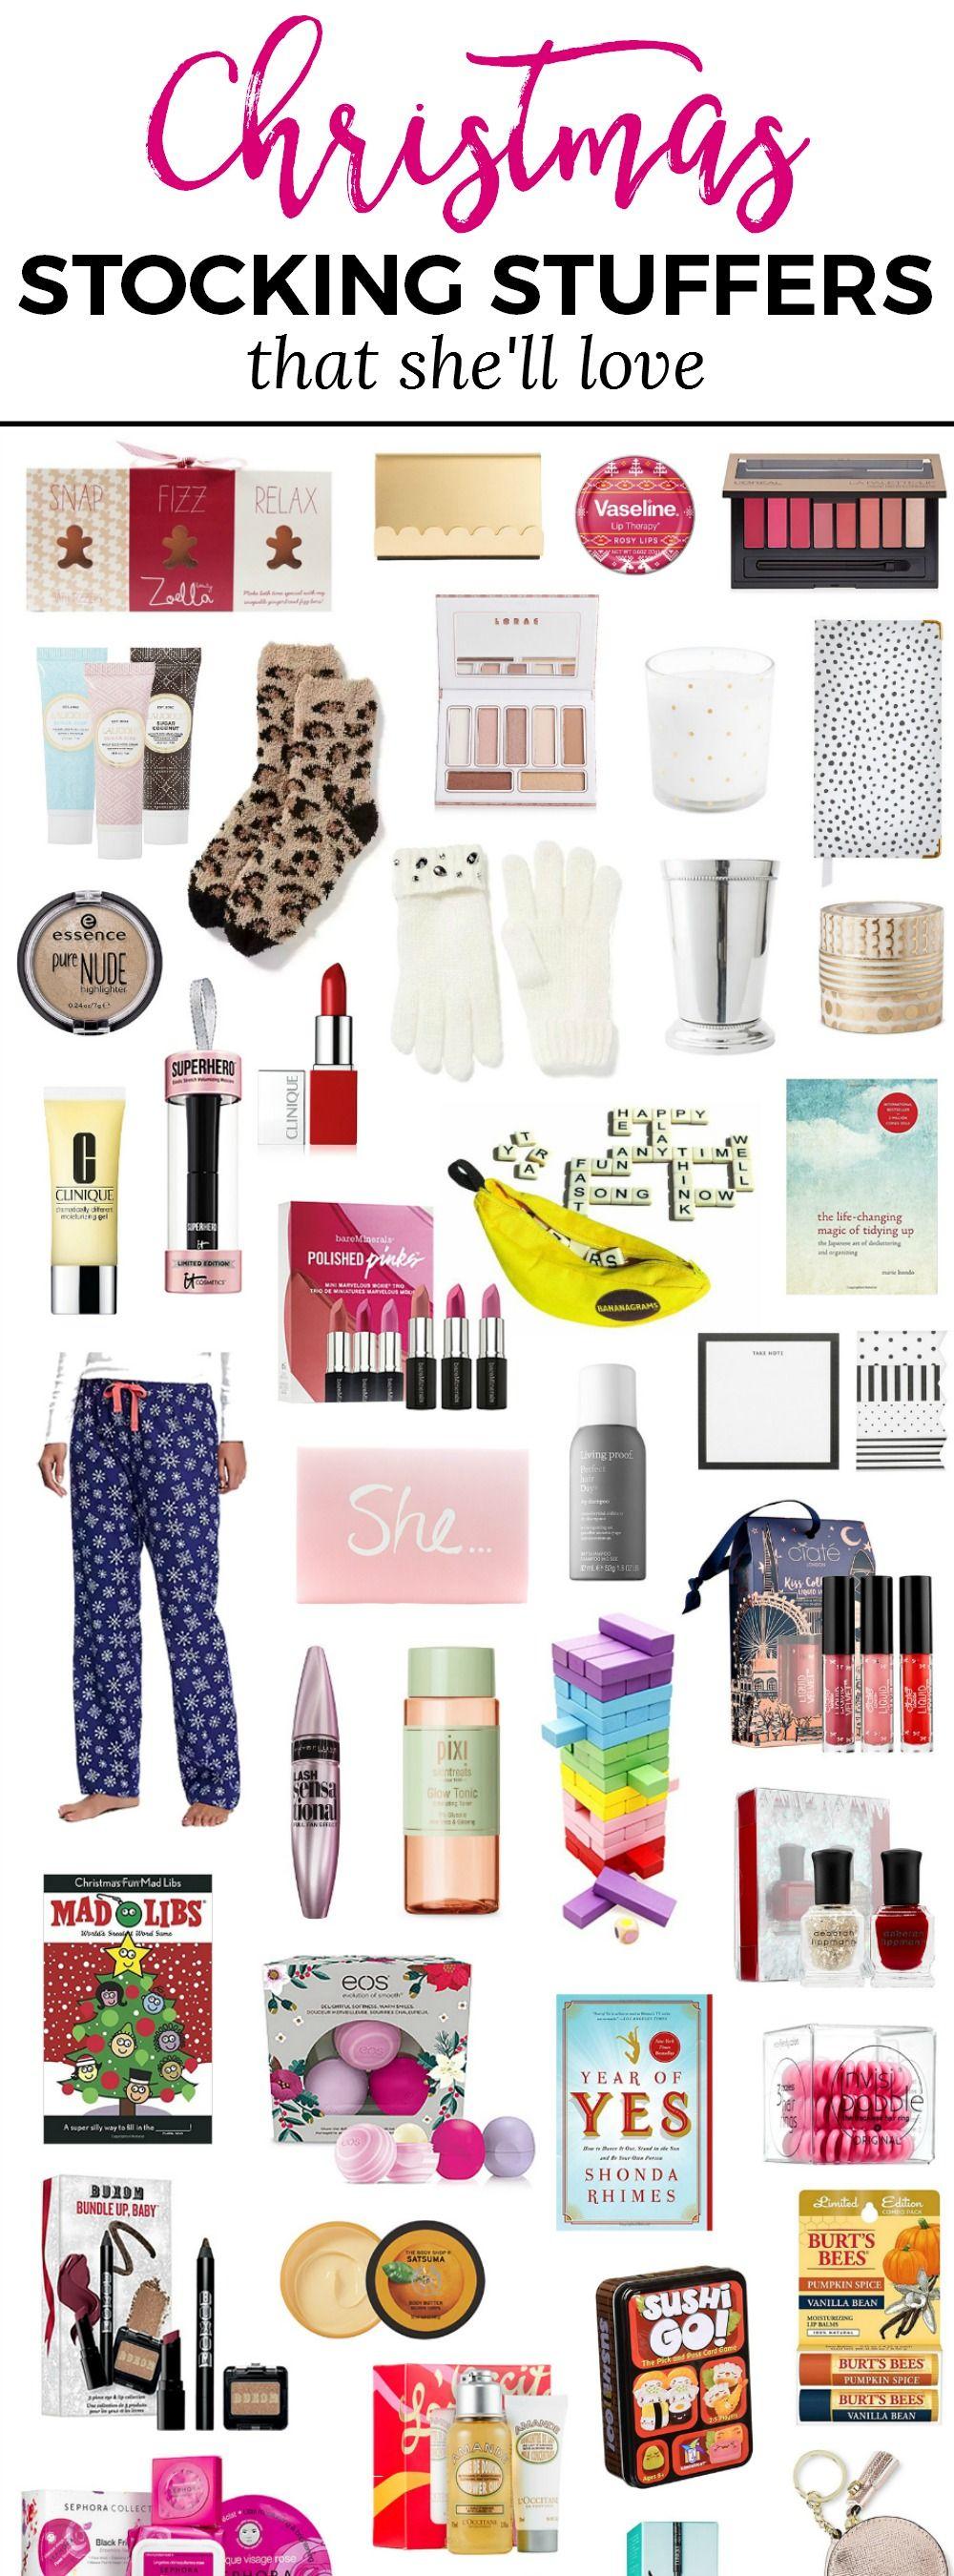 The Best Christmas Stocking Stuffer Ideas for Women | Christmas Gift ...